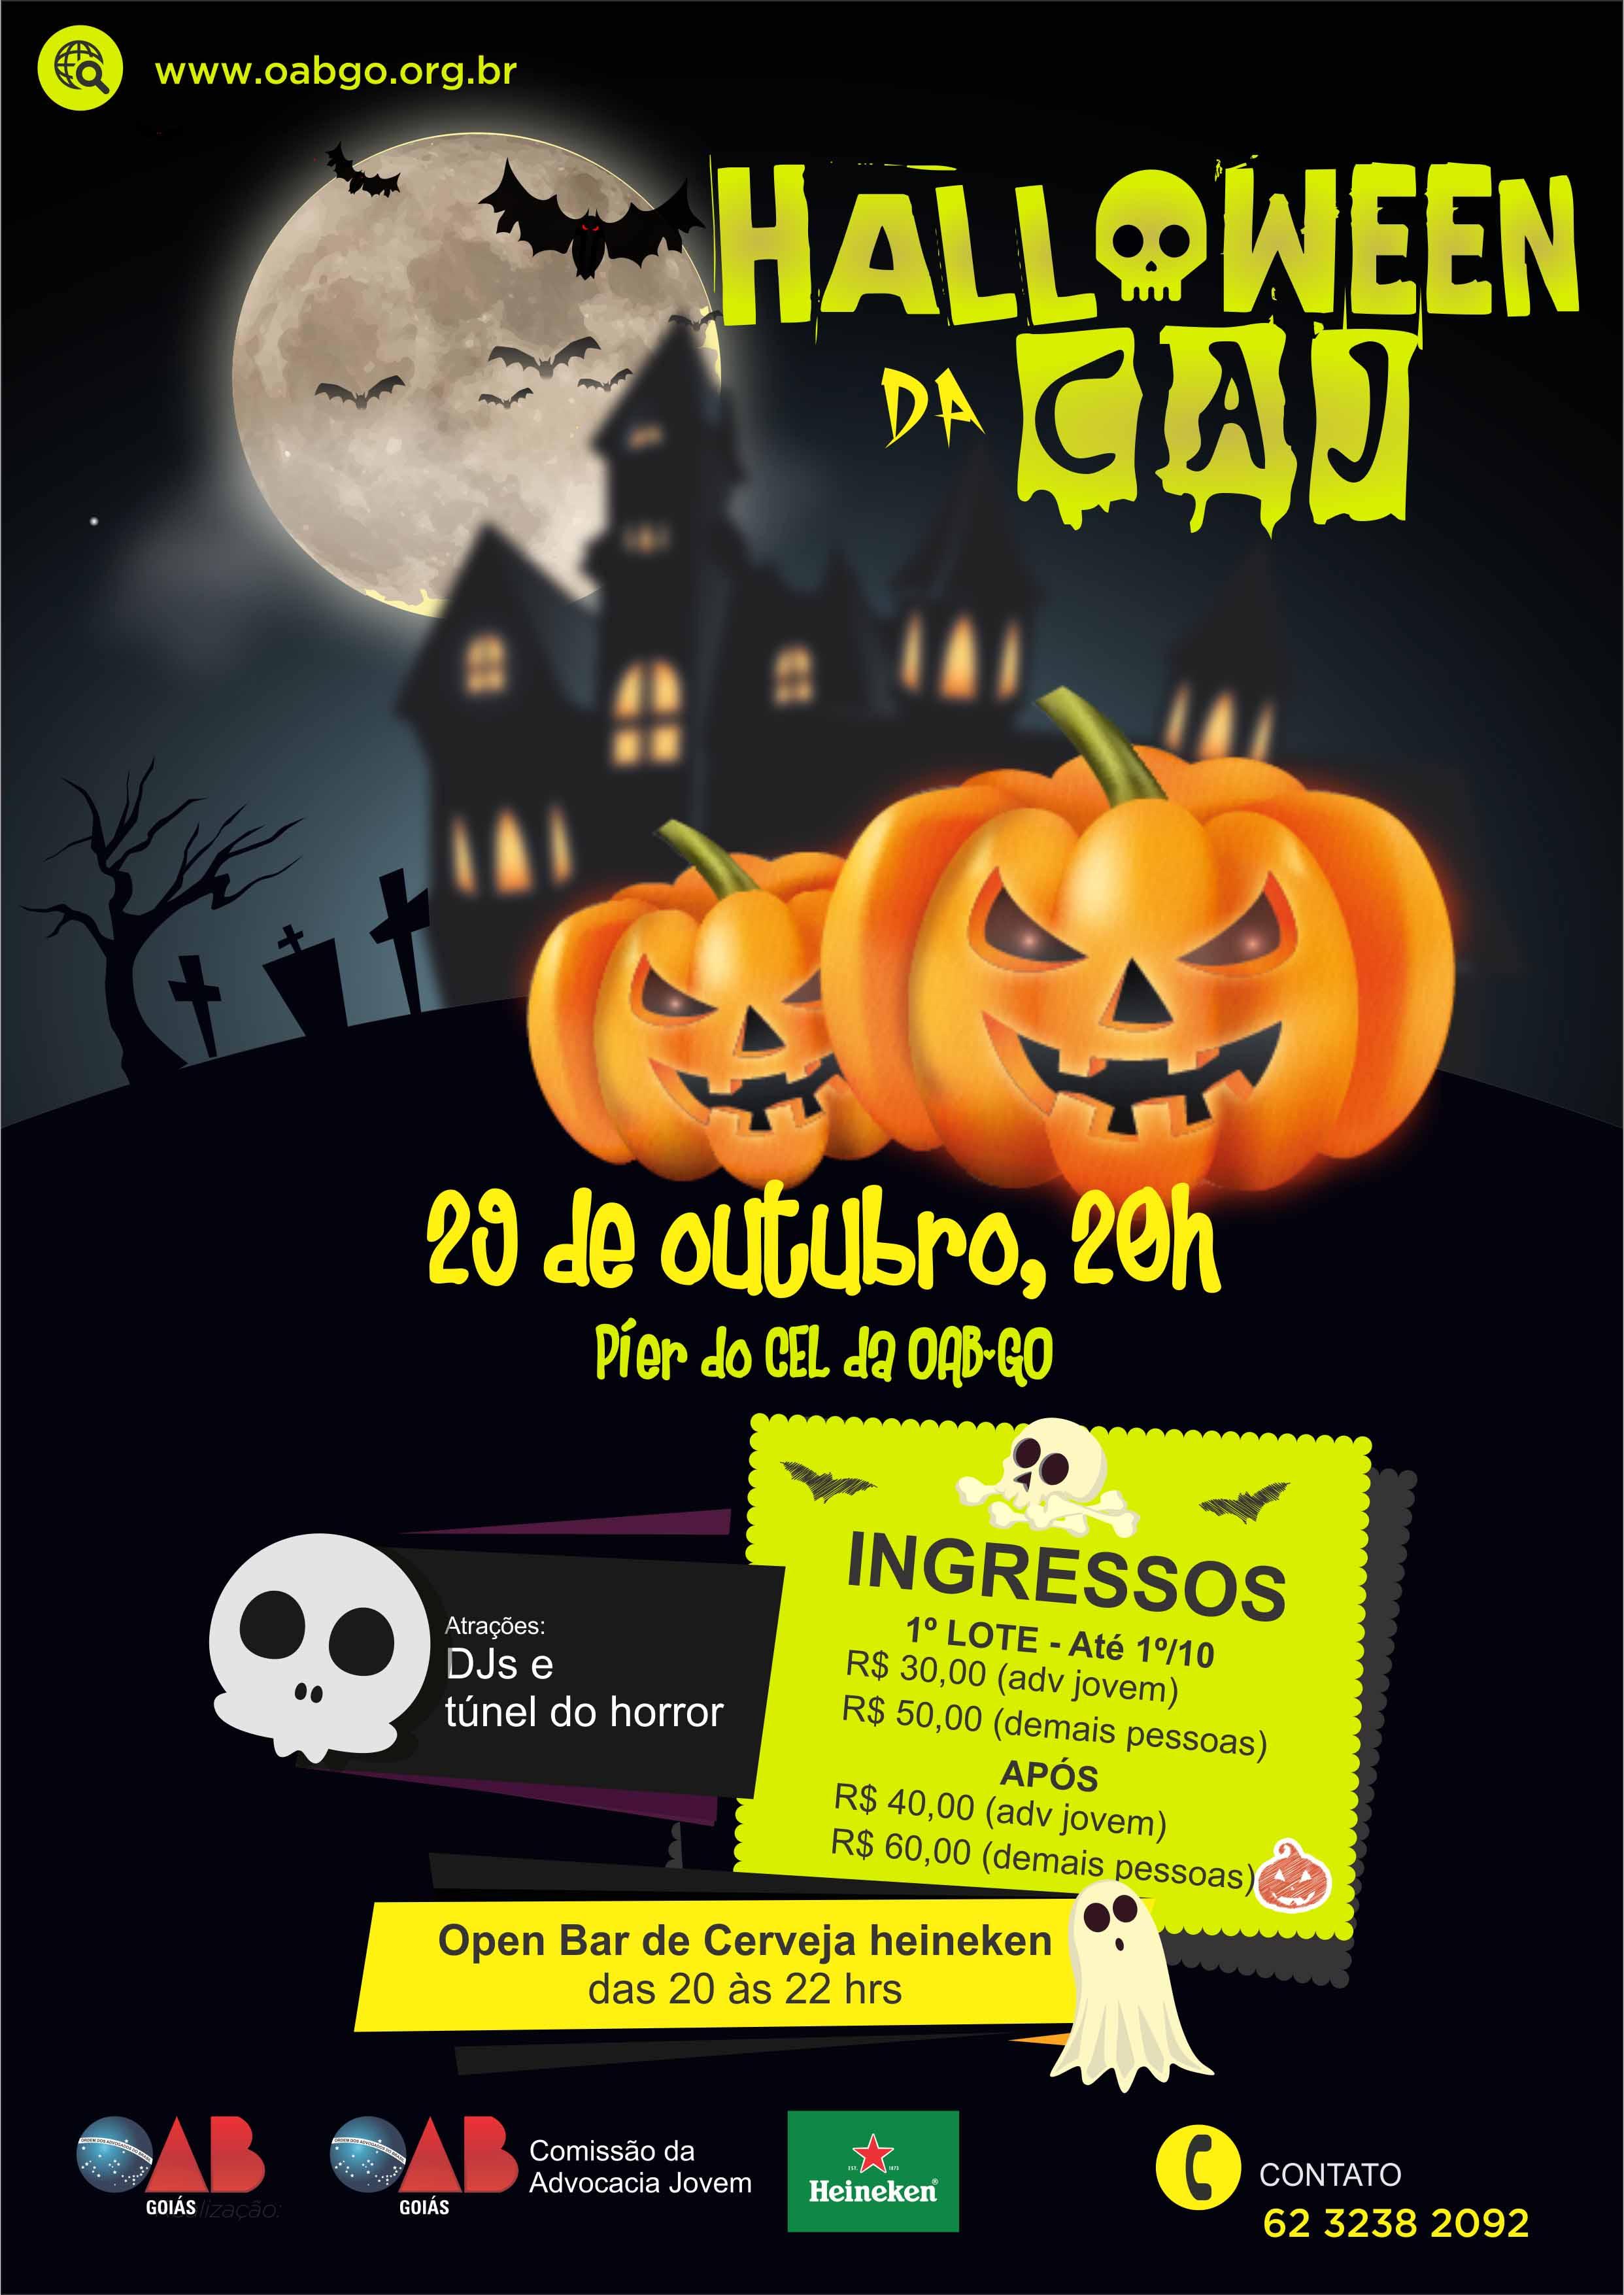 Ingressos para Halloween da CAJ já estão à venda